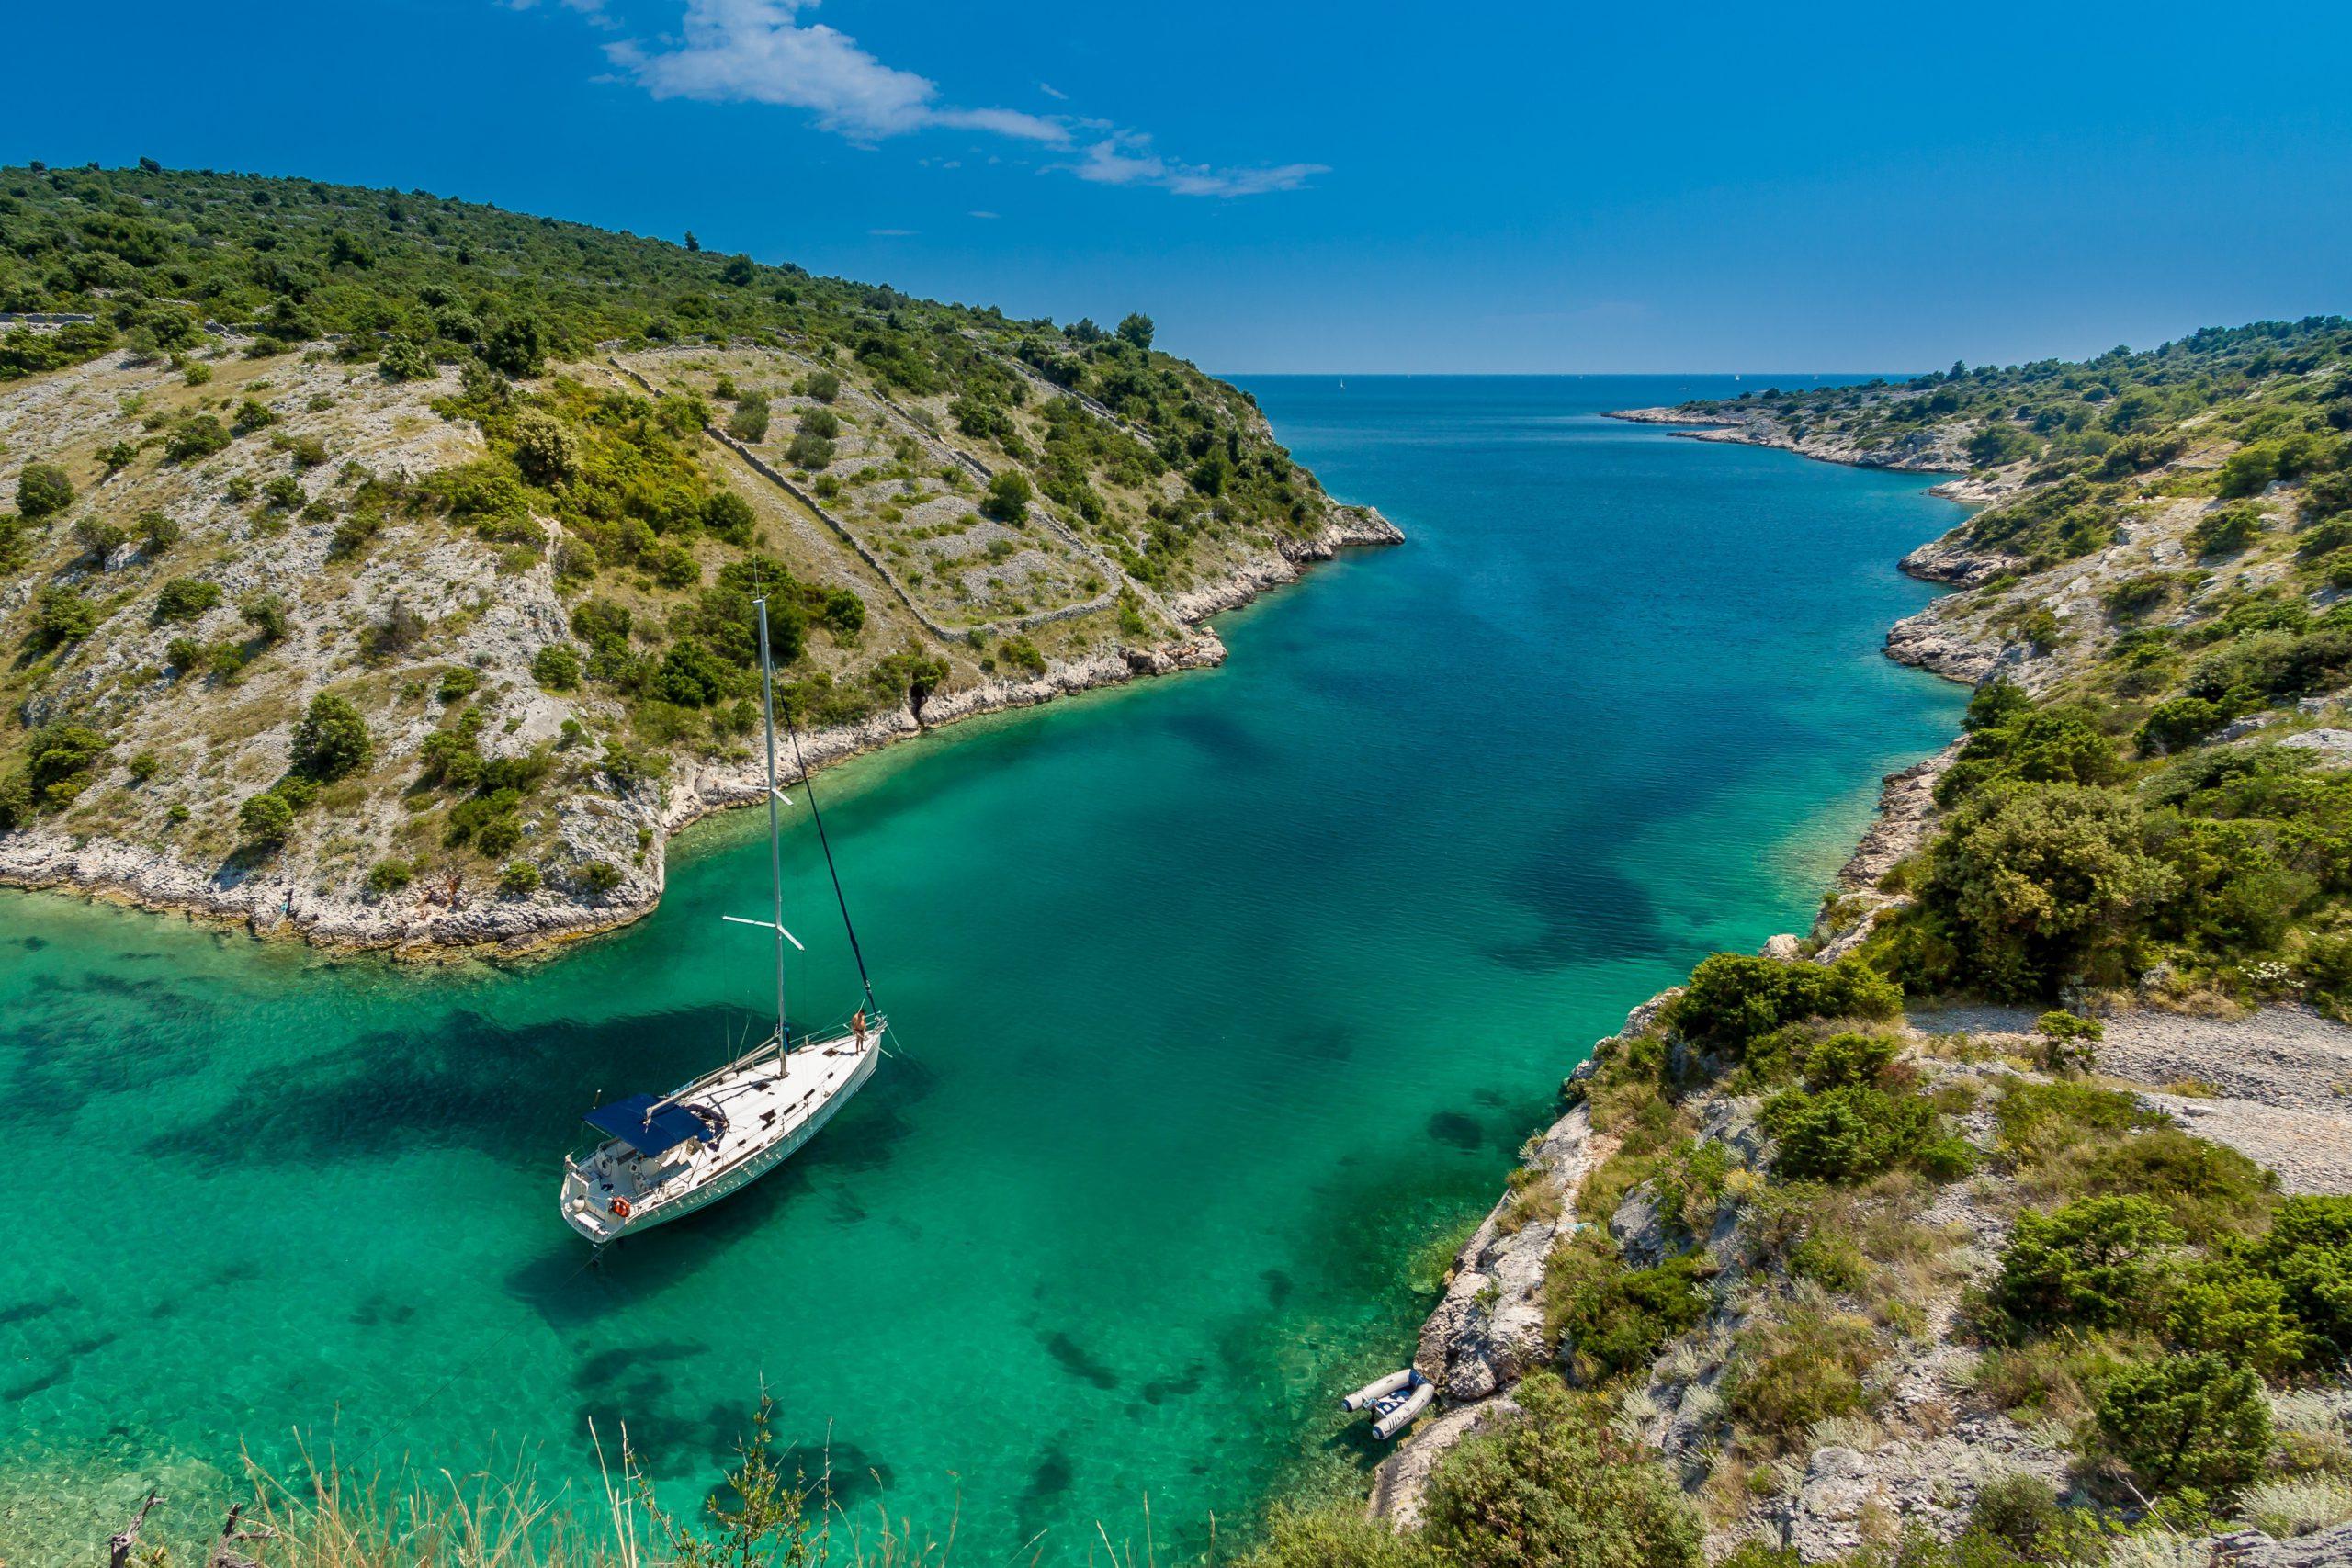 Urlaubsfieber – 5 Orte die du besuchen solltest und was du dafür brauchst